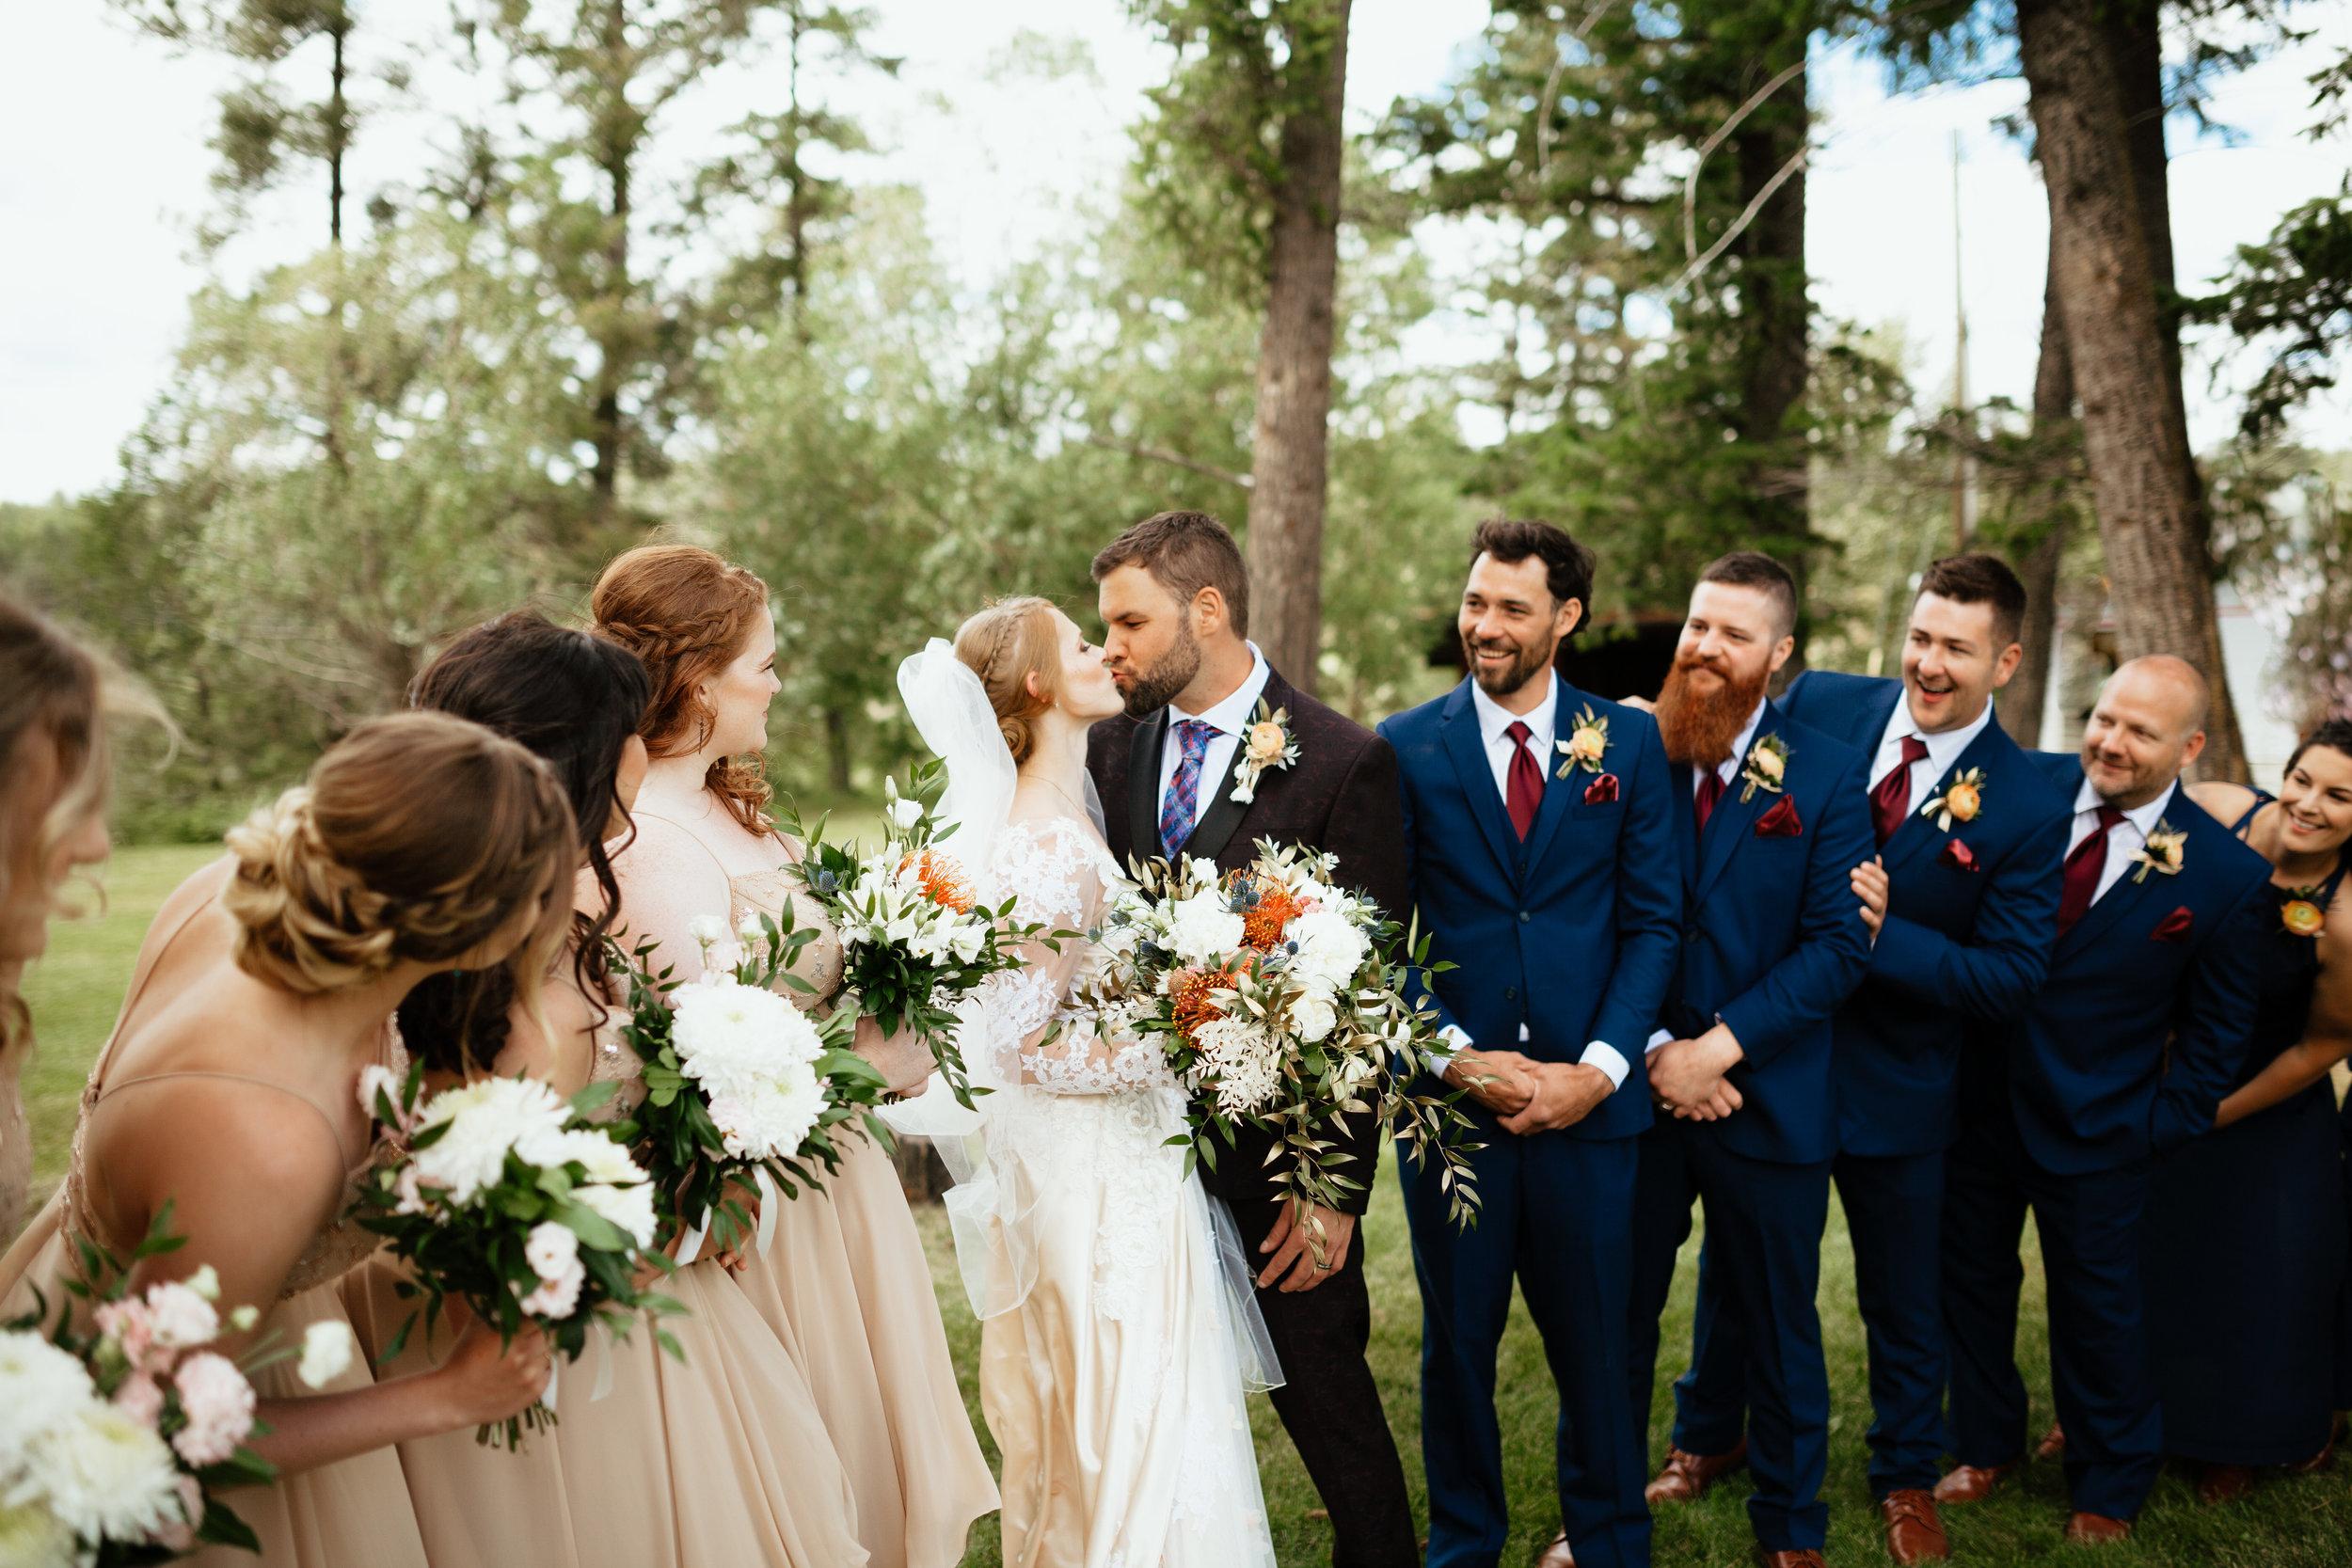 Dave + Amanda 4 - Bridal Portraits-13.jpg